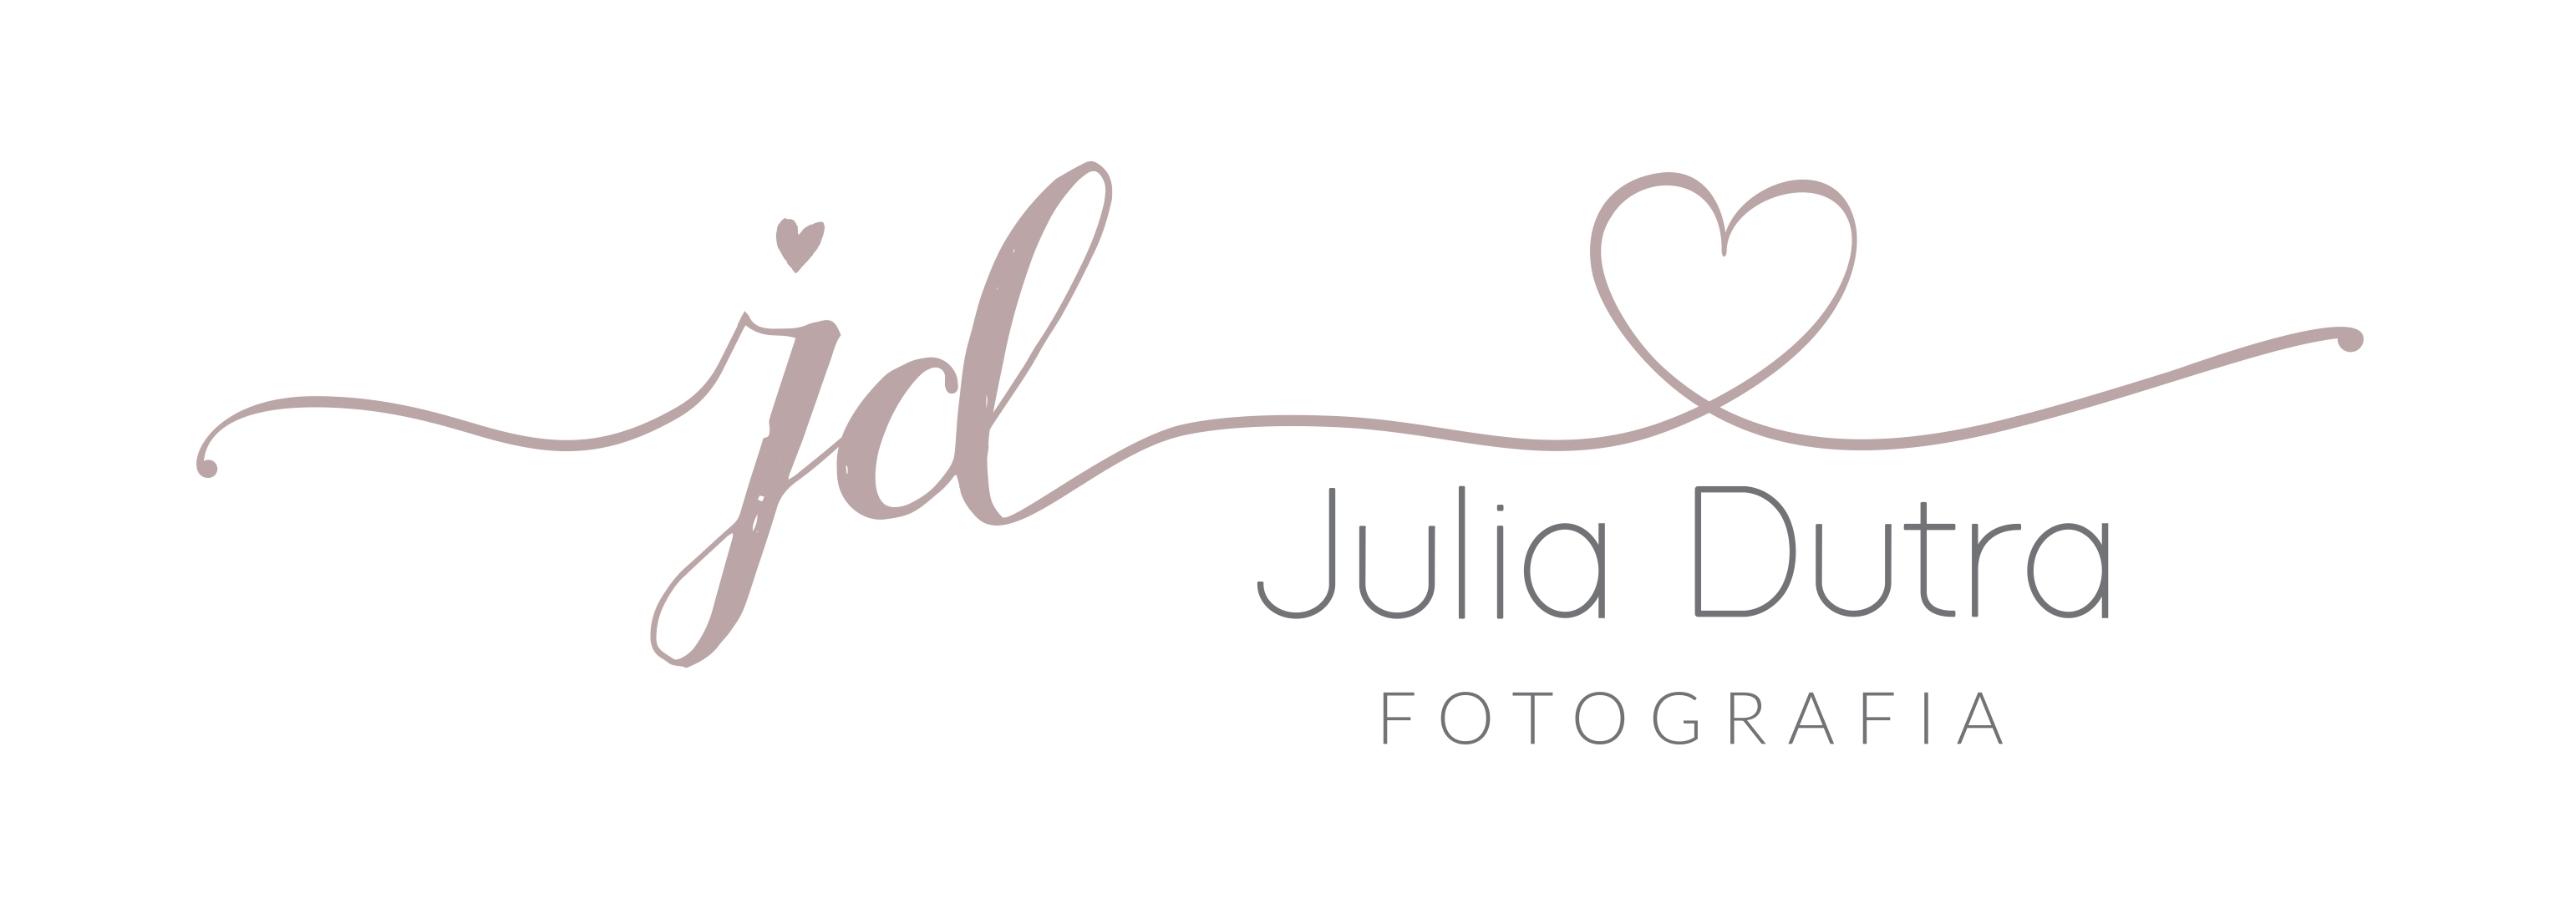 Julia Dutra Fotografia (@juliadutrafotografia) Cover Image